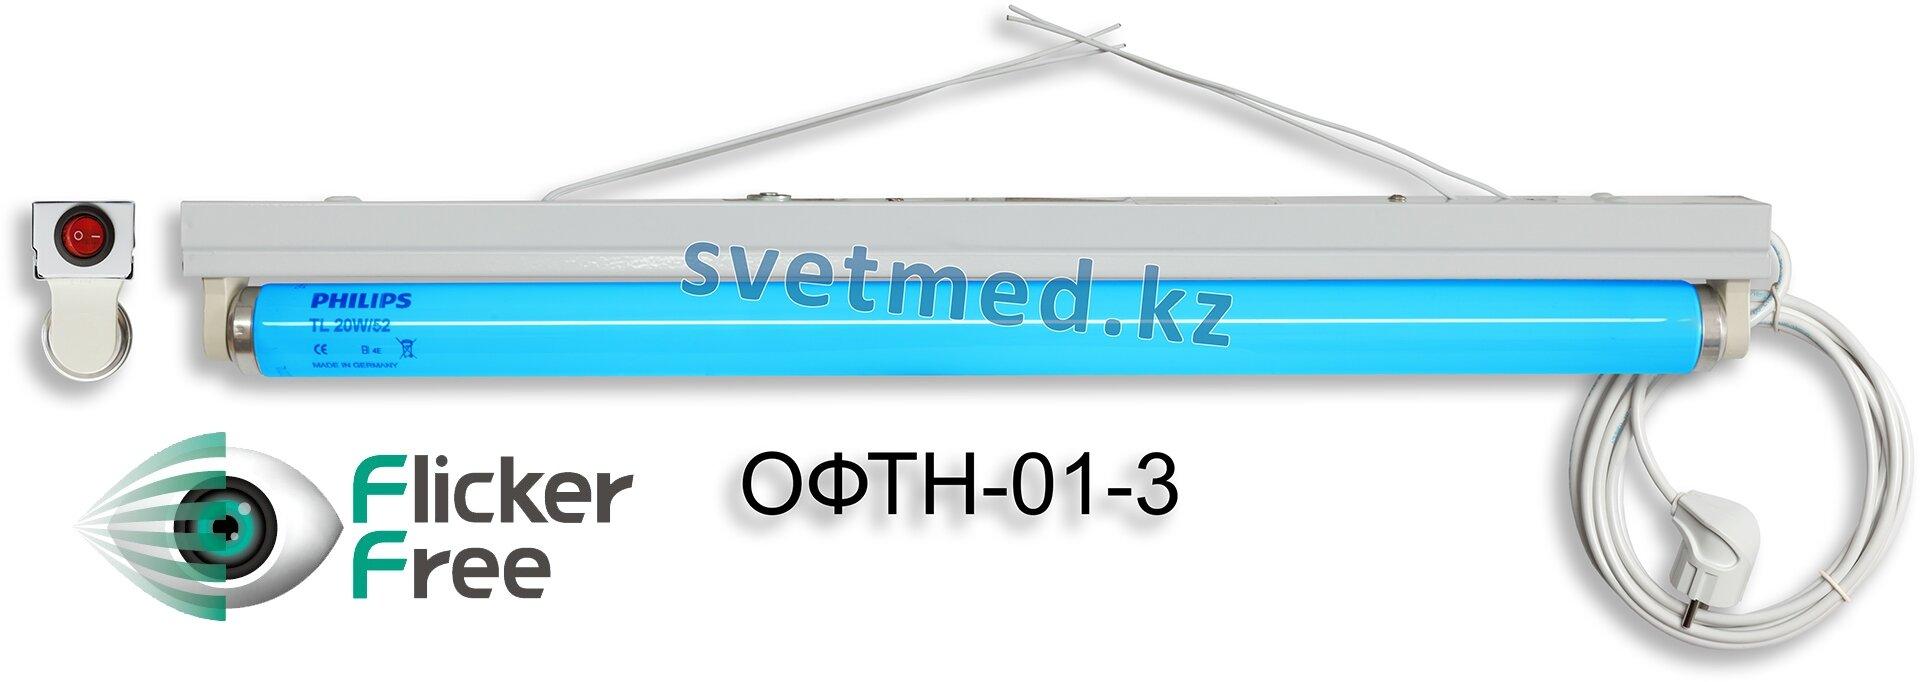 ОФТН-01-3